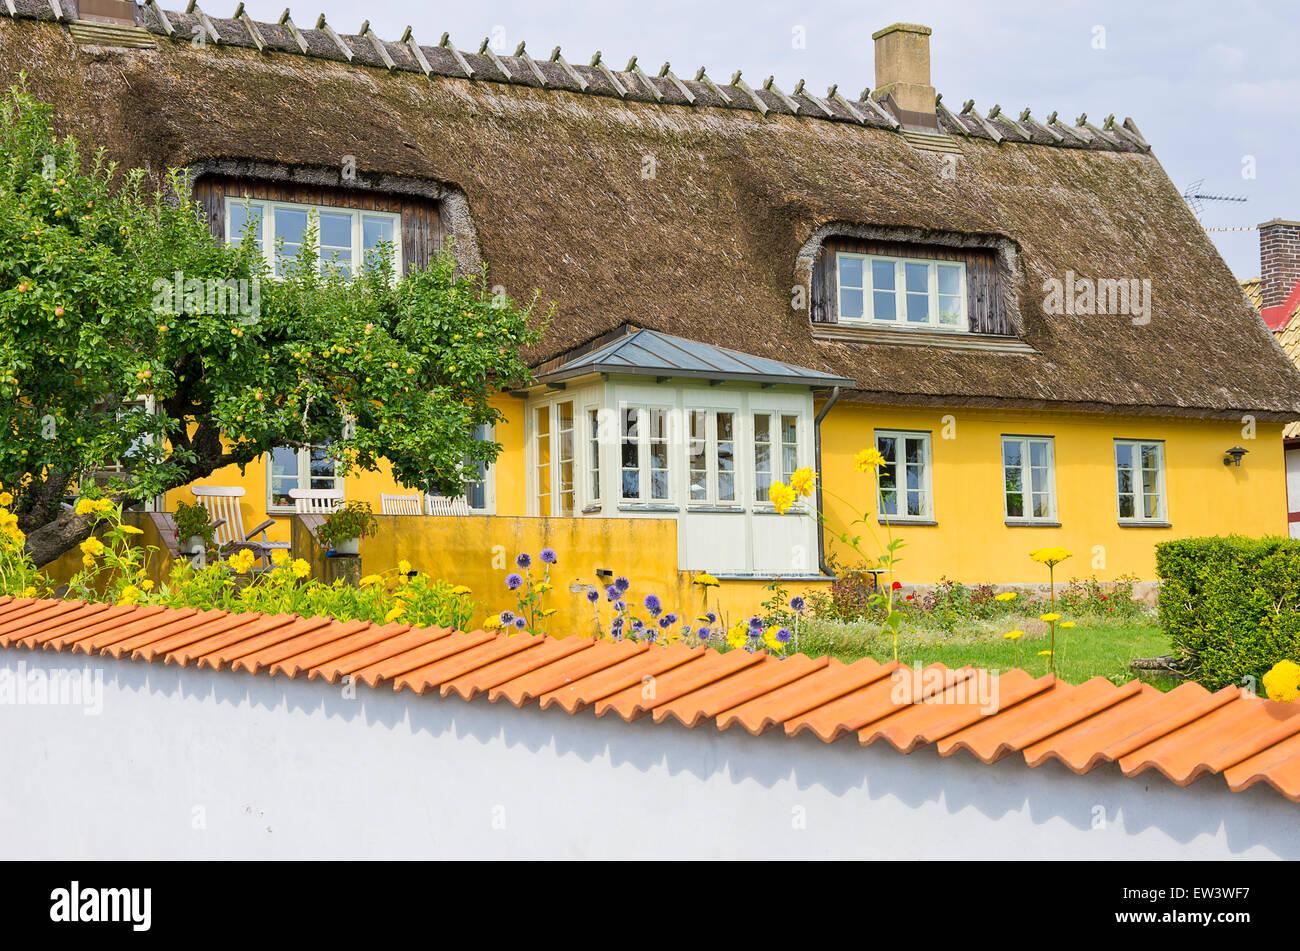 Typical Swedish architecture, Viken, Höganäs kommun, Sweden. - Stock Image